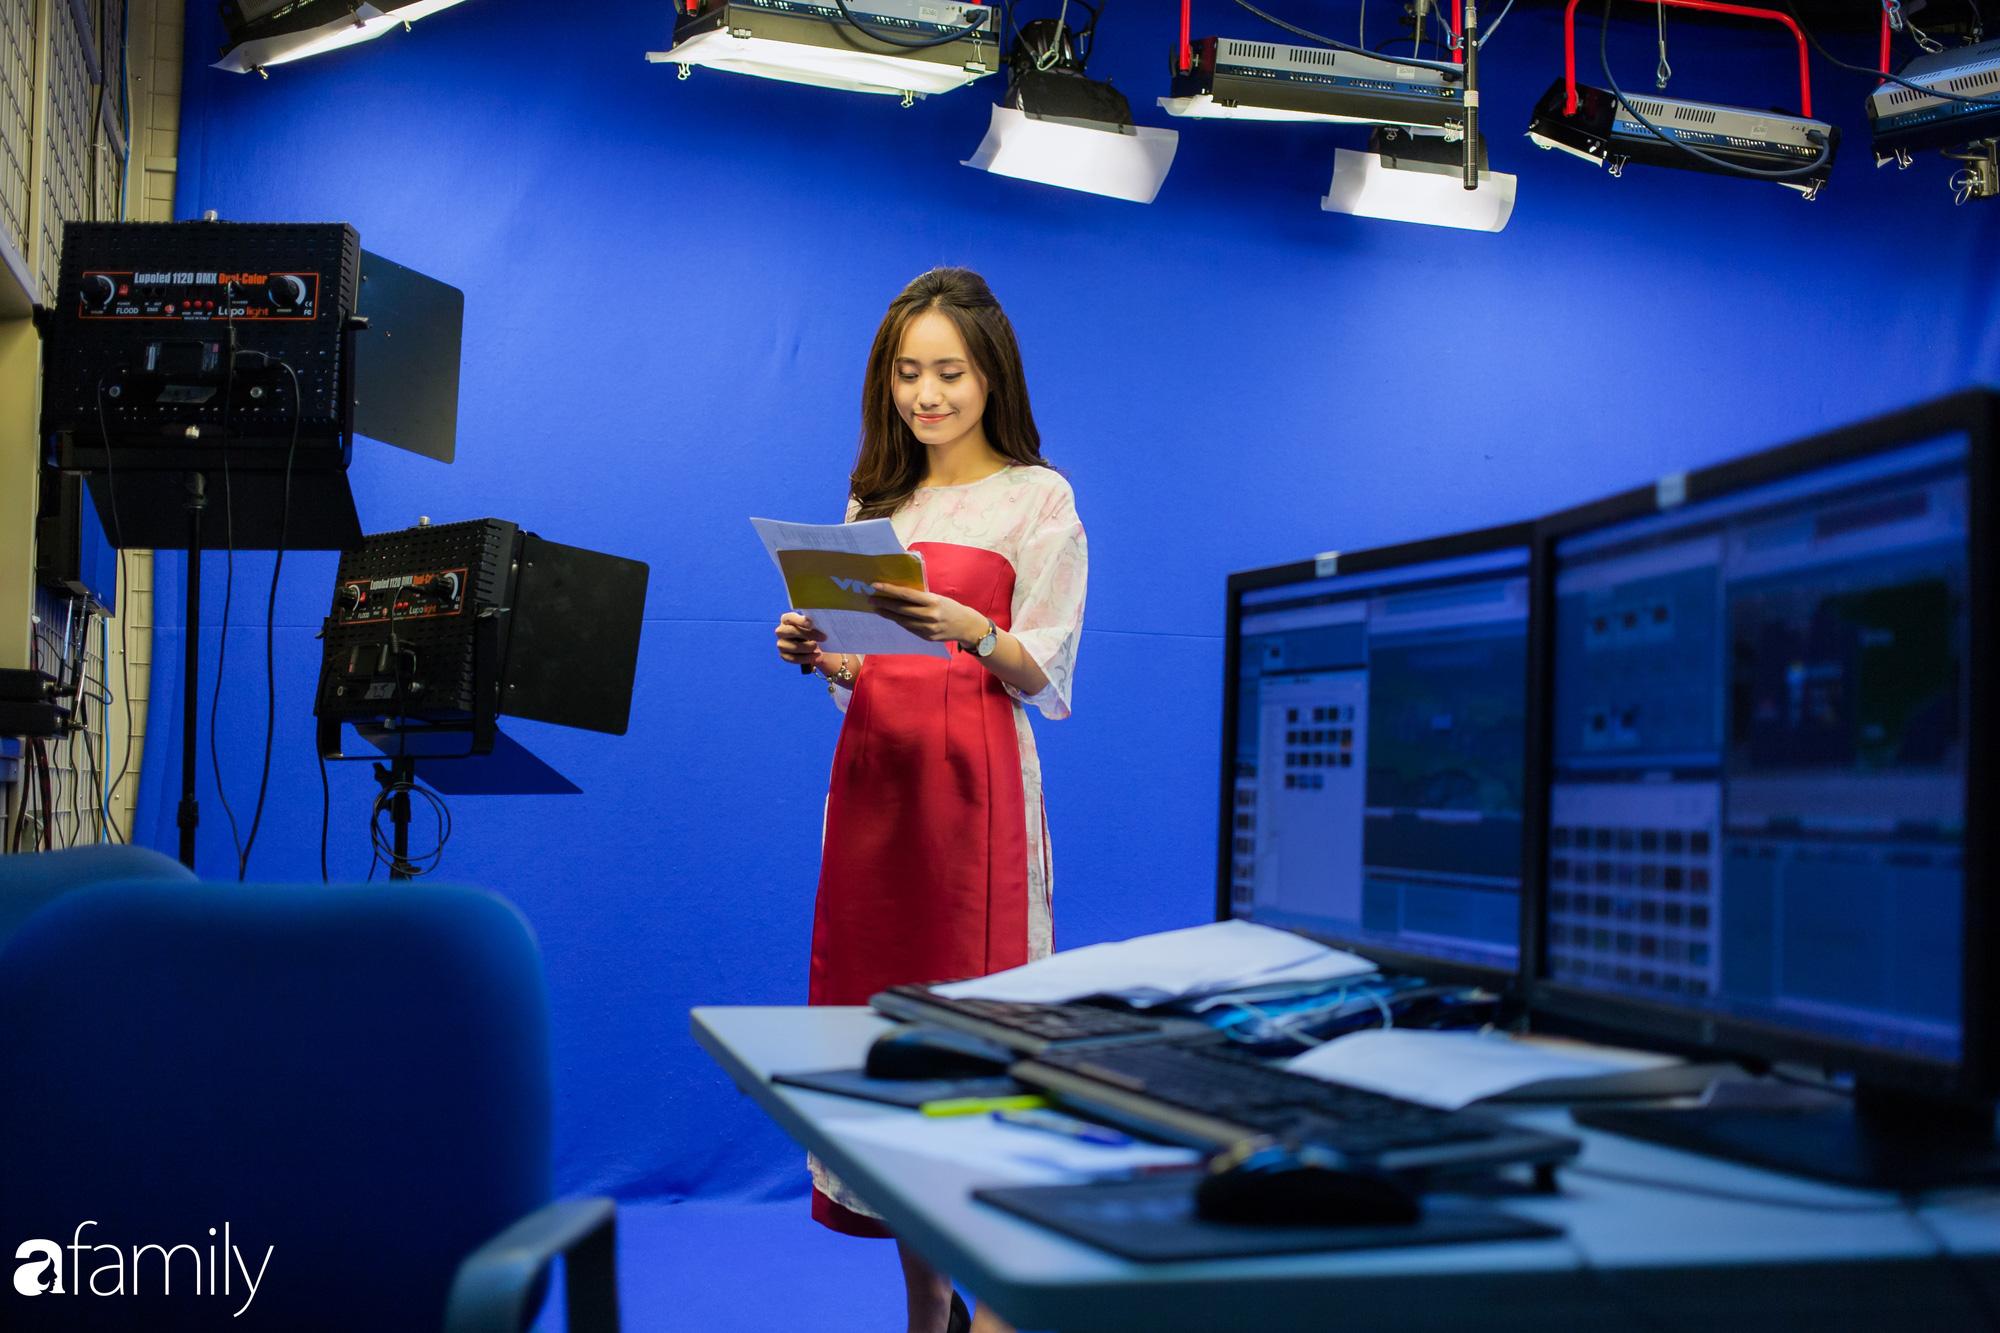 Gặp BTV Thời tiết Xuân Anh vào ngày Tết: Vẫn đi làm bình thường, đó là cái hay của nghề truyền hình - Ảnh 6.